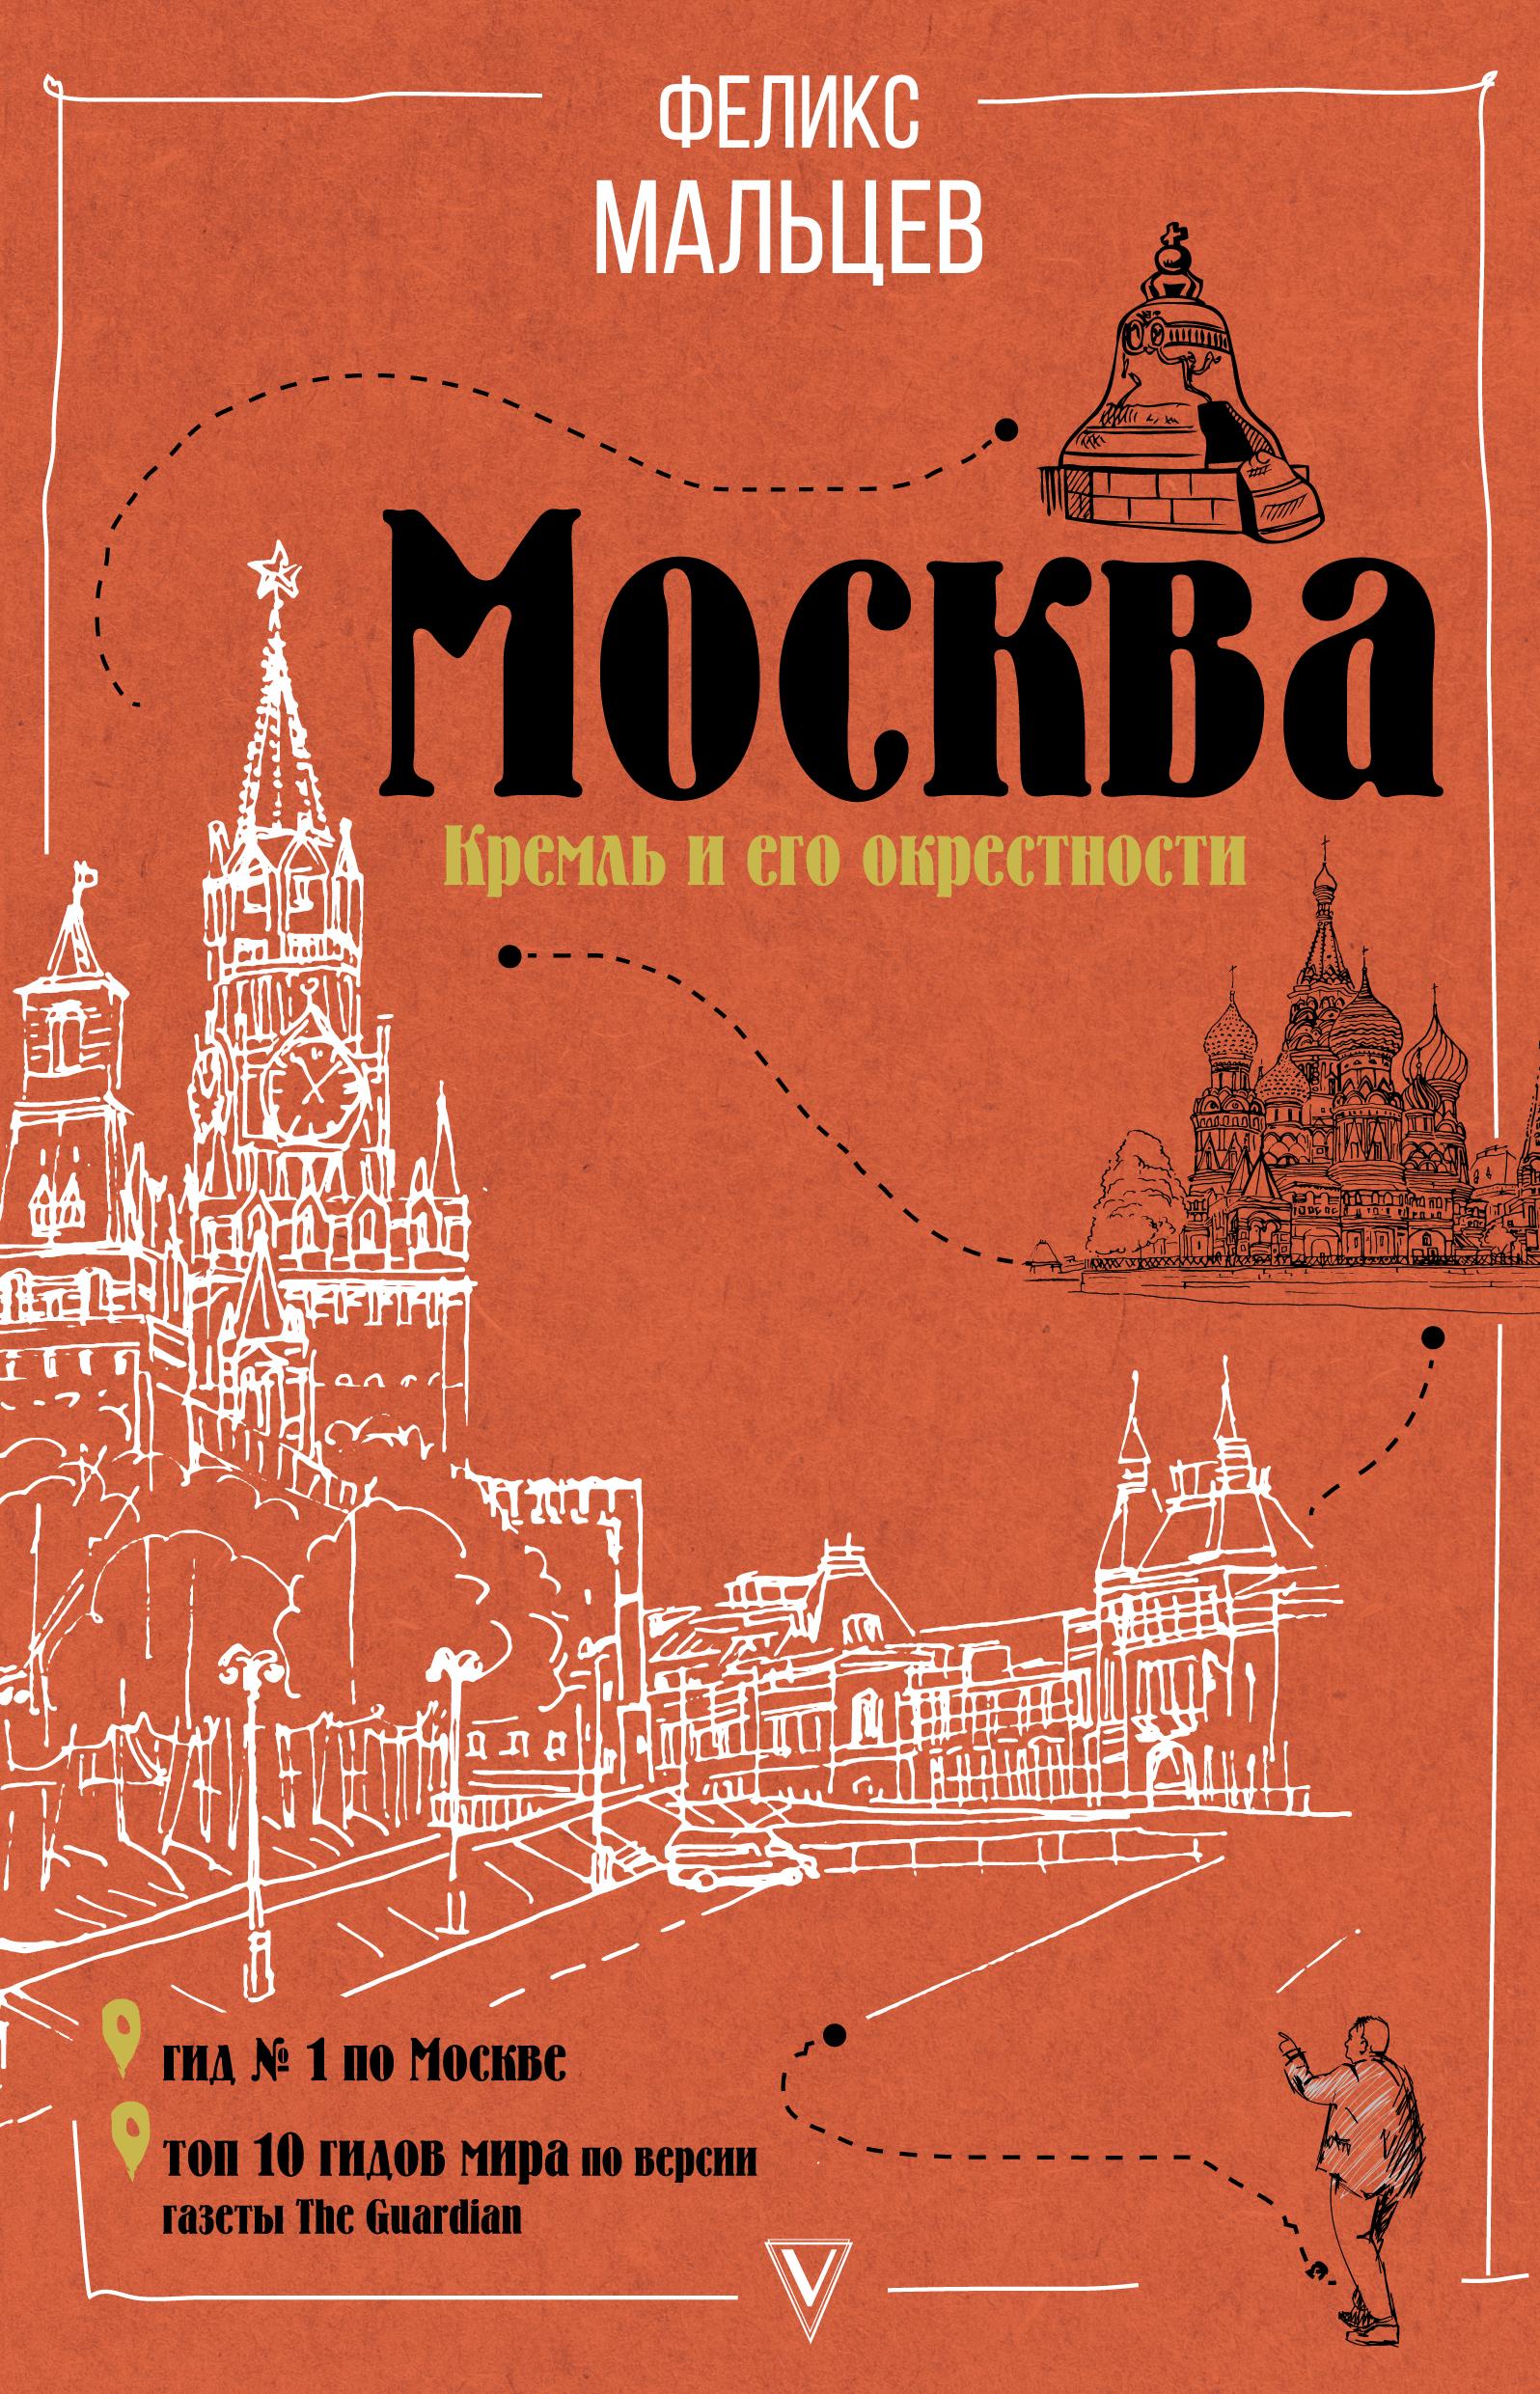 Феликс Мальцев Москва: Кремль и его окрестности одинцово план города москва и окрестности